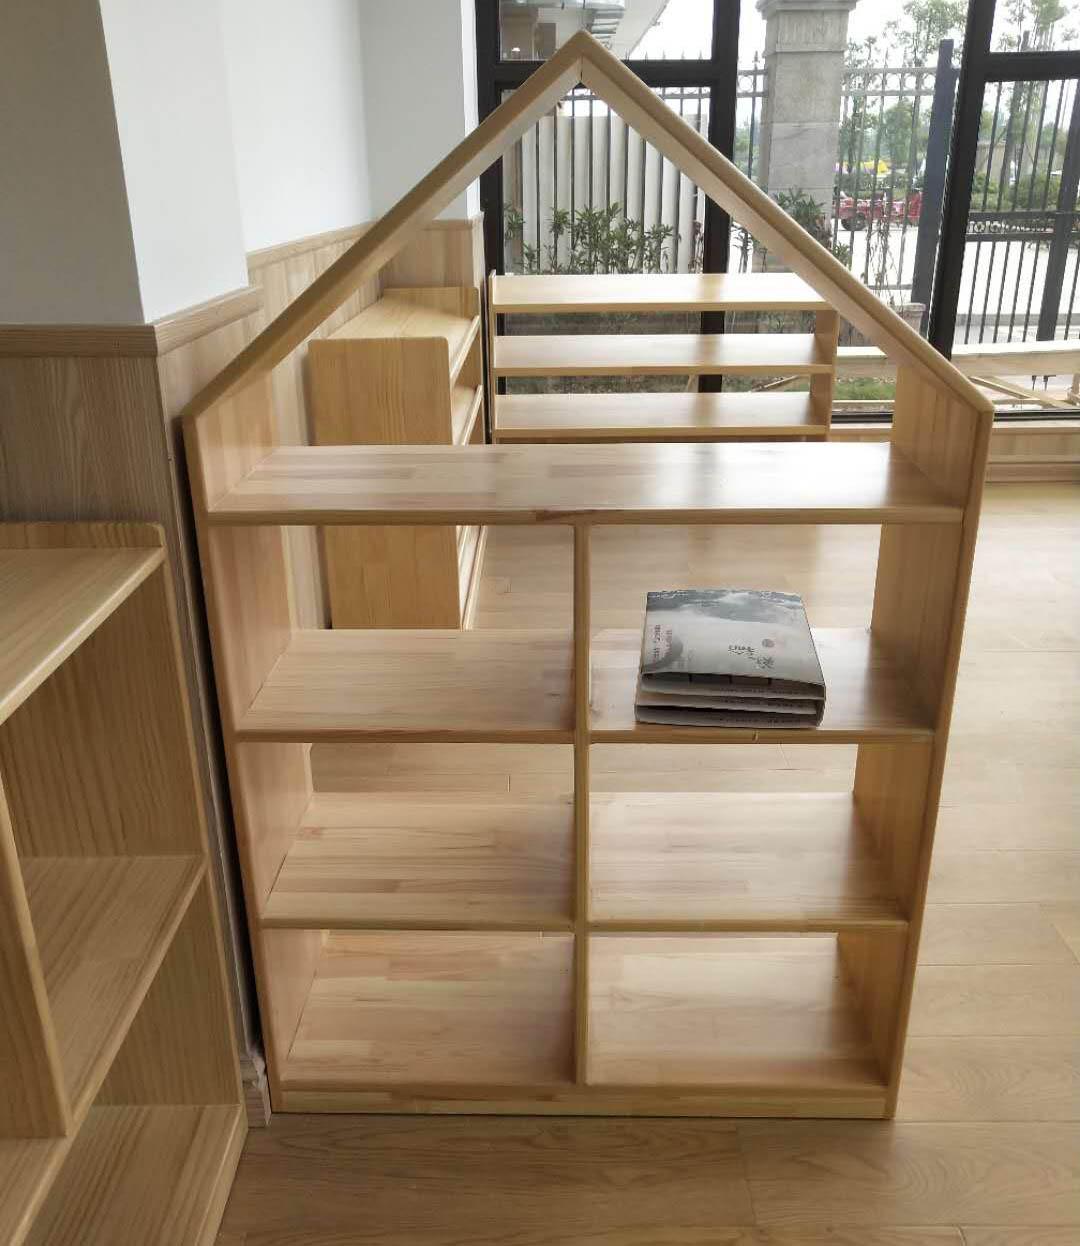 四川幼儿家具标准高,如何选择?